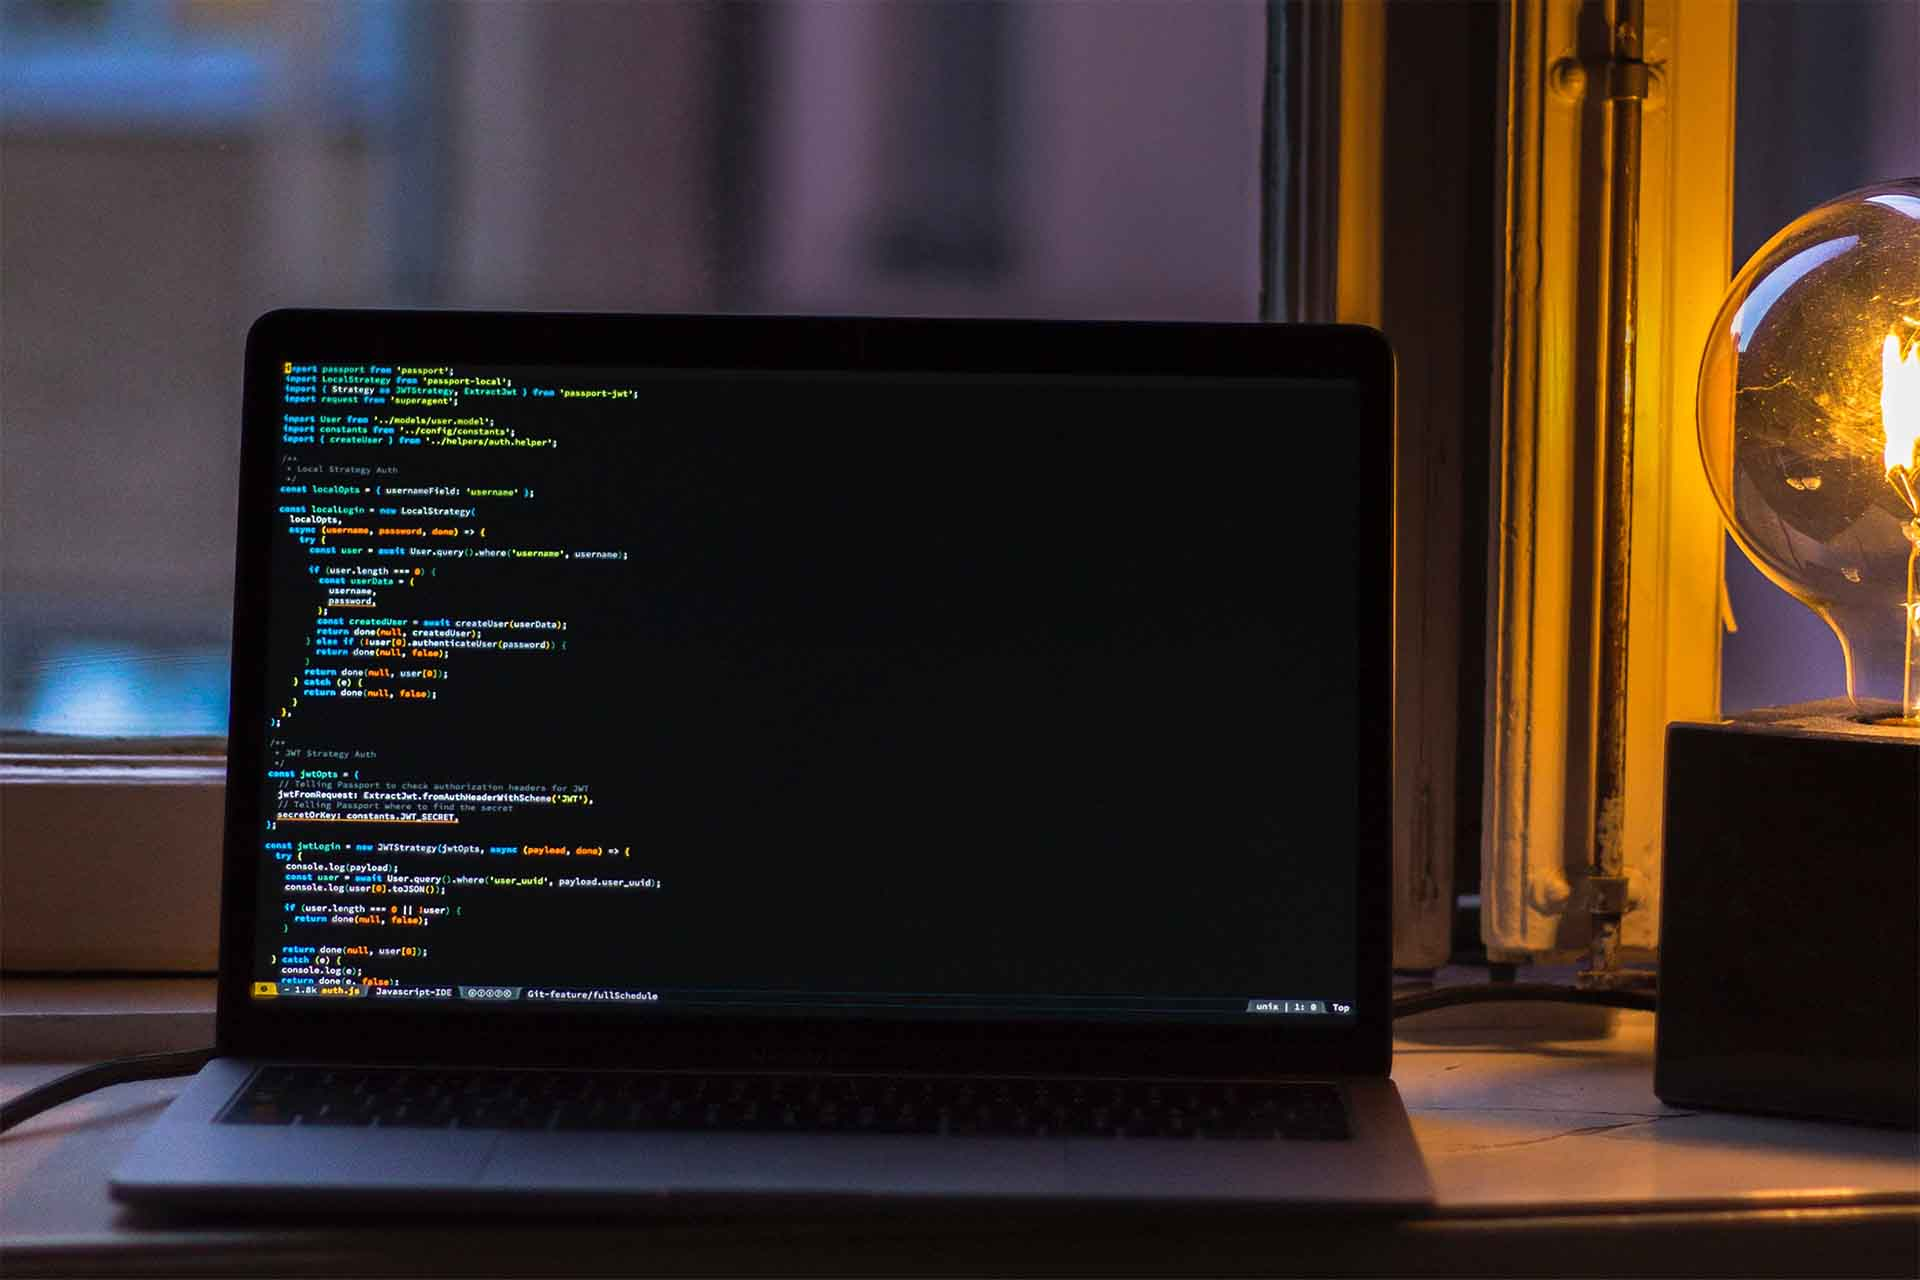 t2informatik Blog: Webanwendung im lokalen Netzwerk zugänglich machen